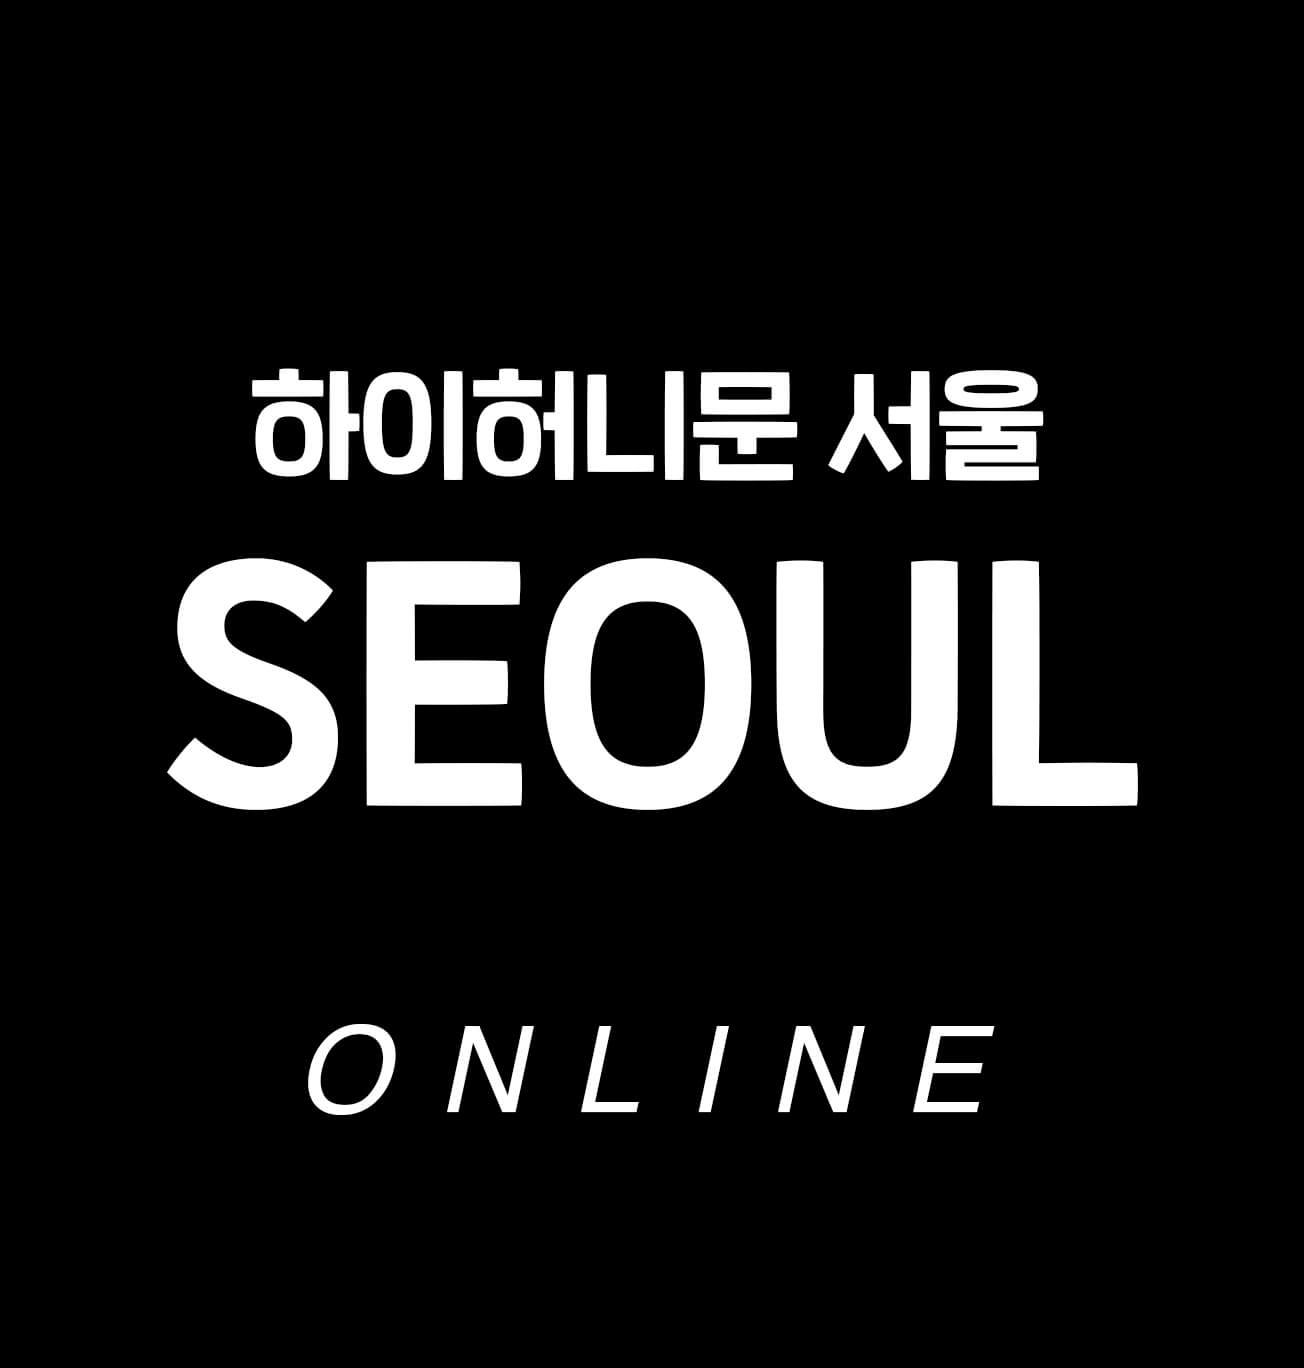 하이허니문 서울 온라인